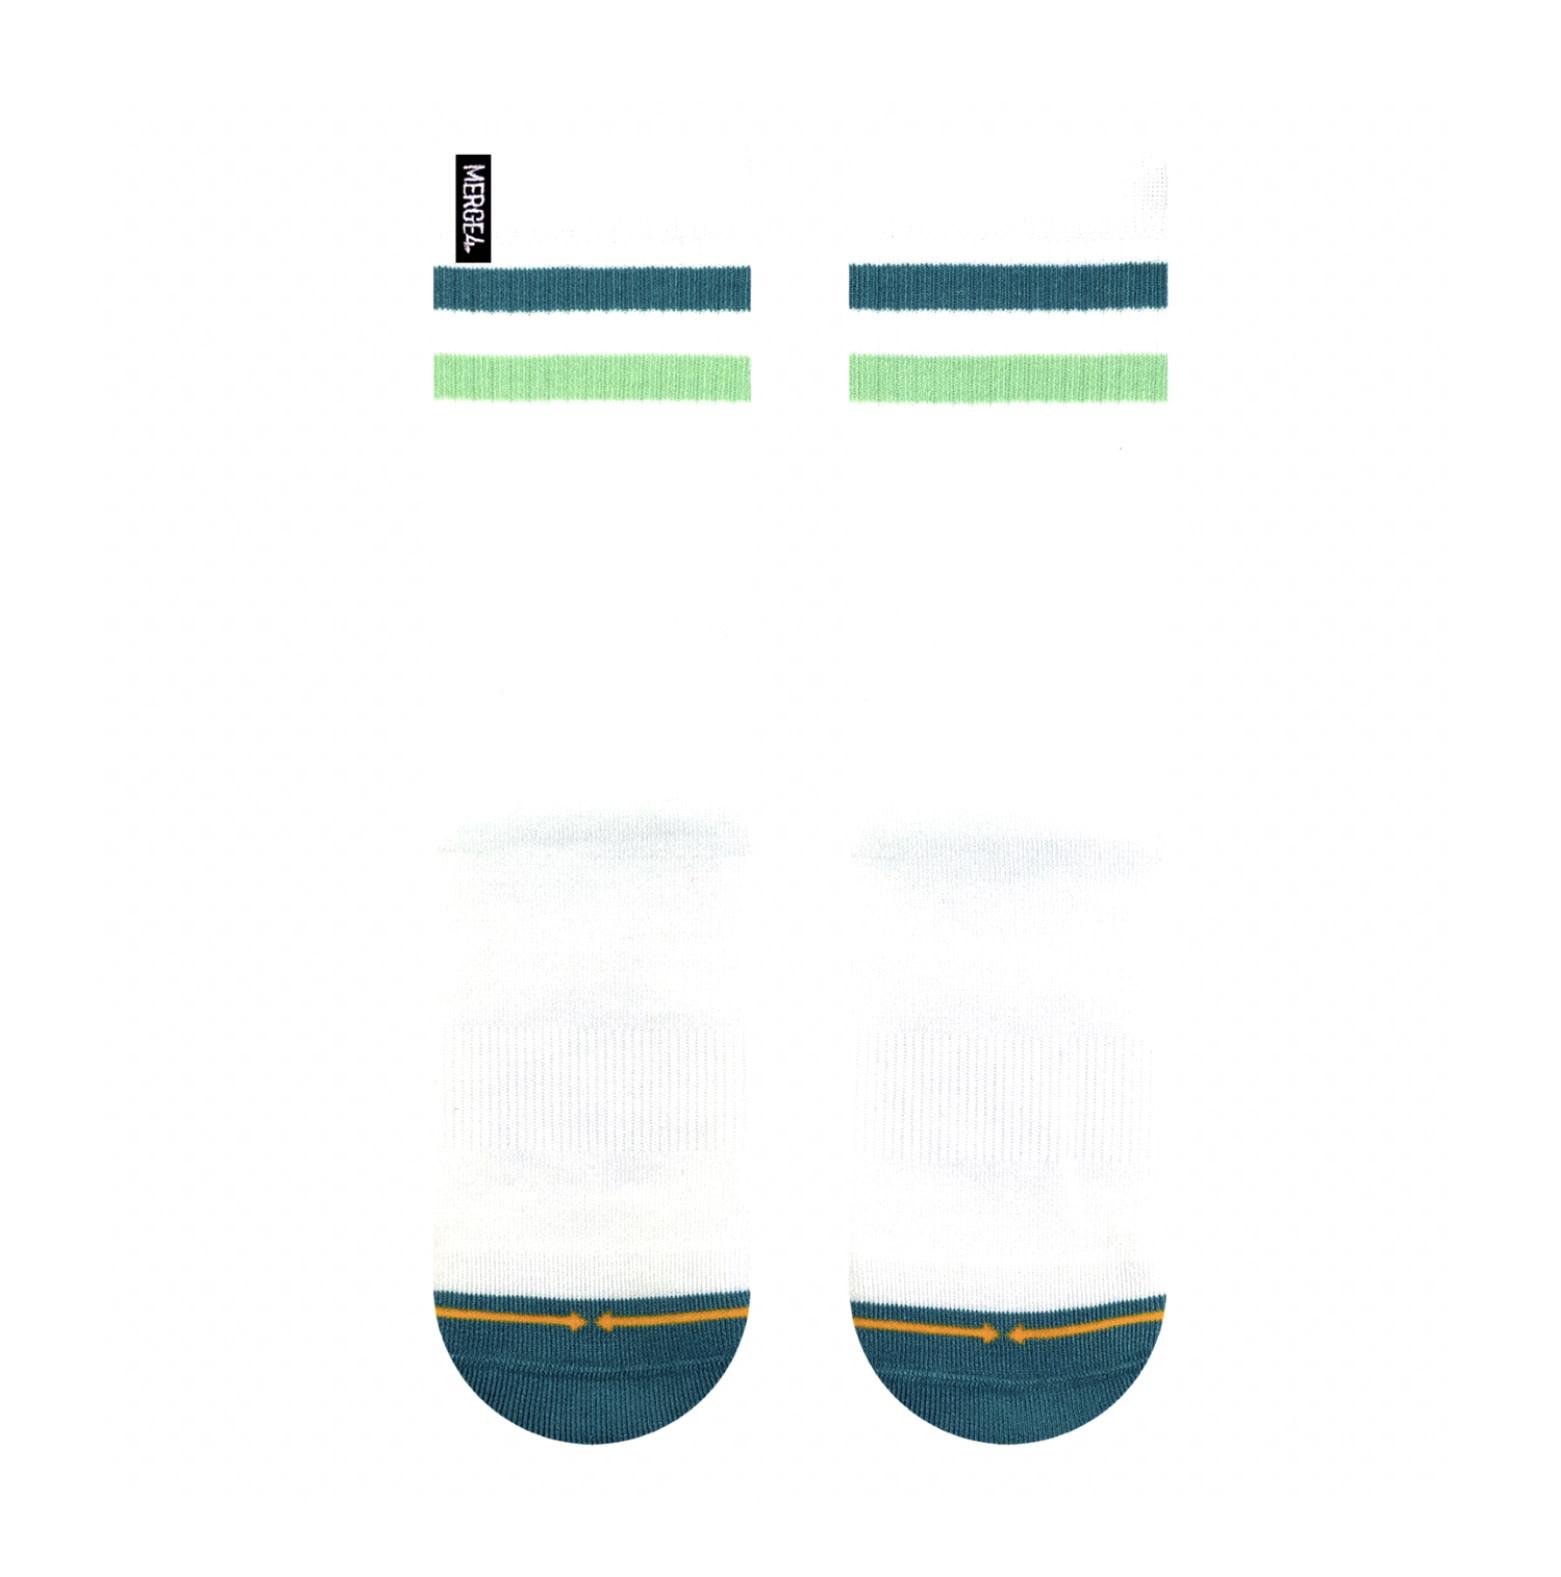 Merge 4 Merge 4 - Repreve Subtle Sea L